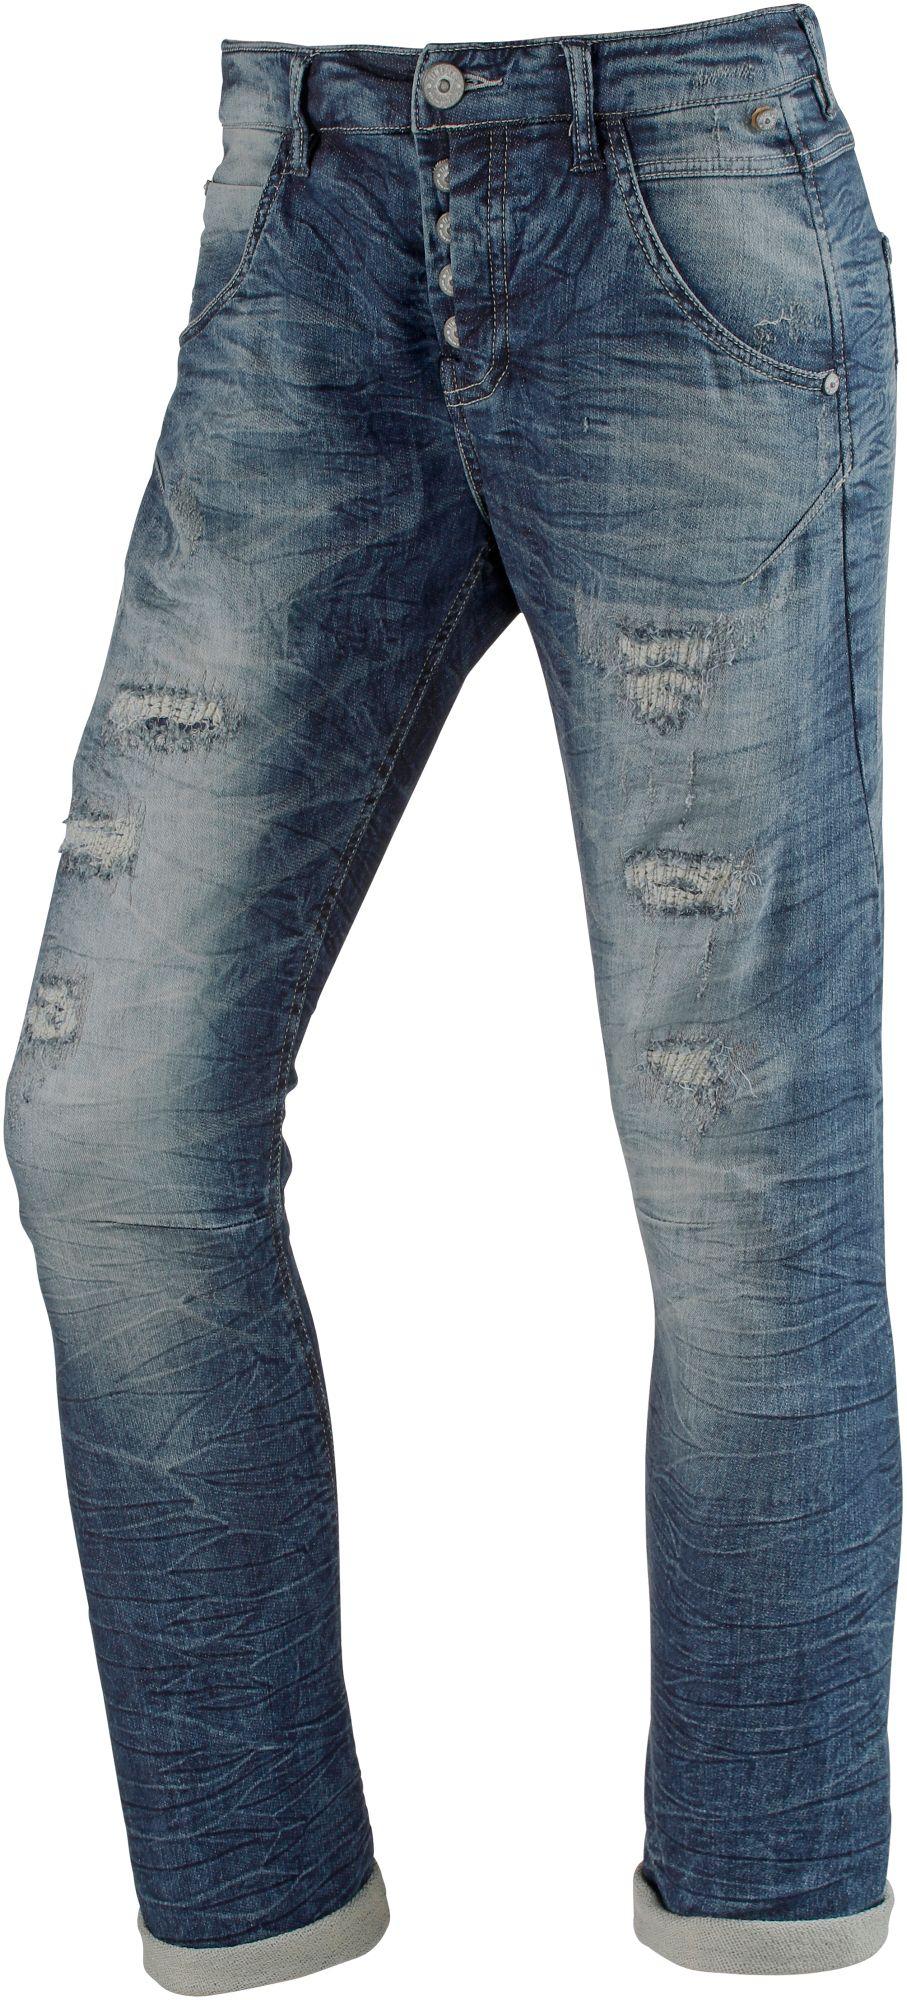 Bild TIMEZONE RivaTZ Sweat Jeans Damen